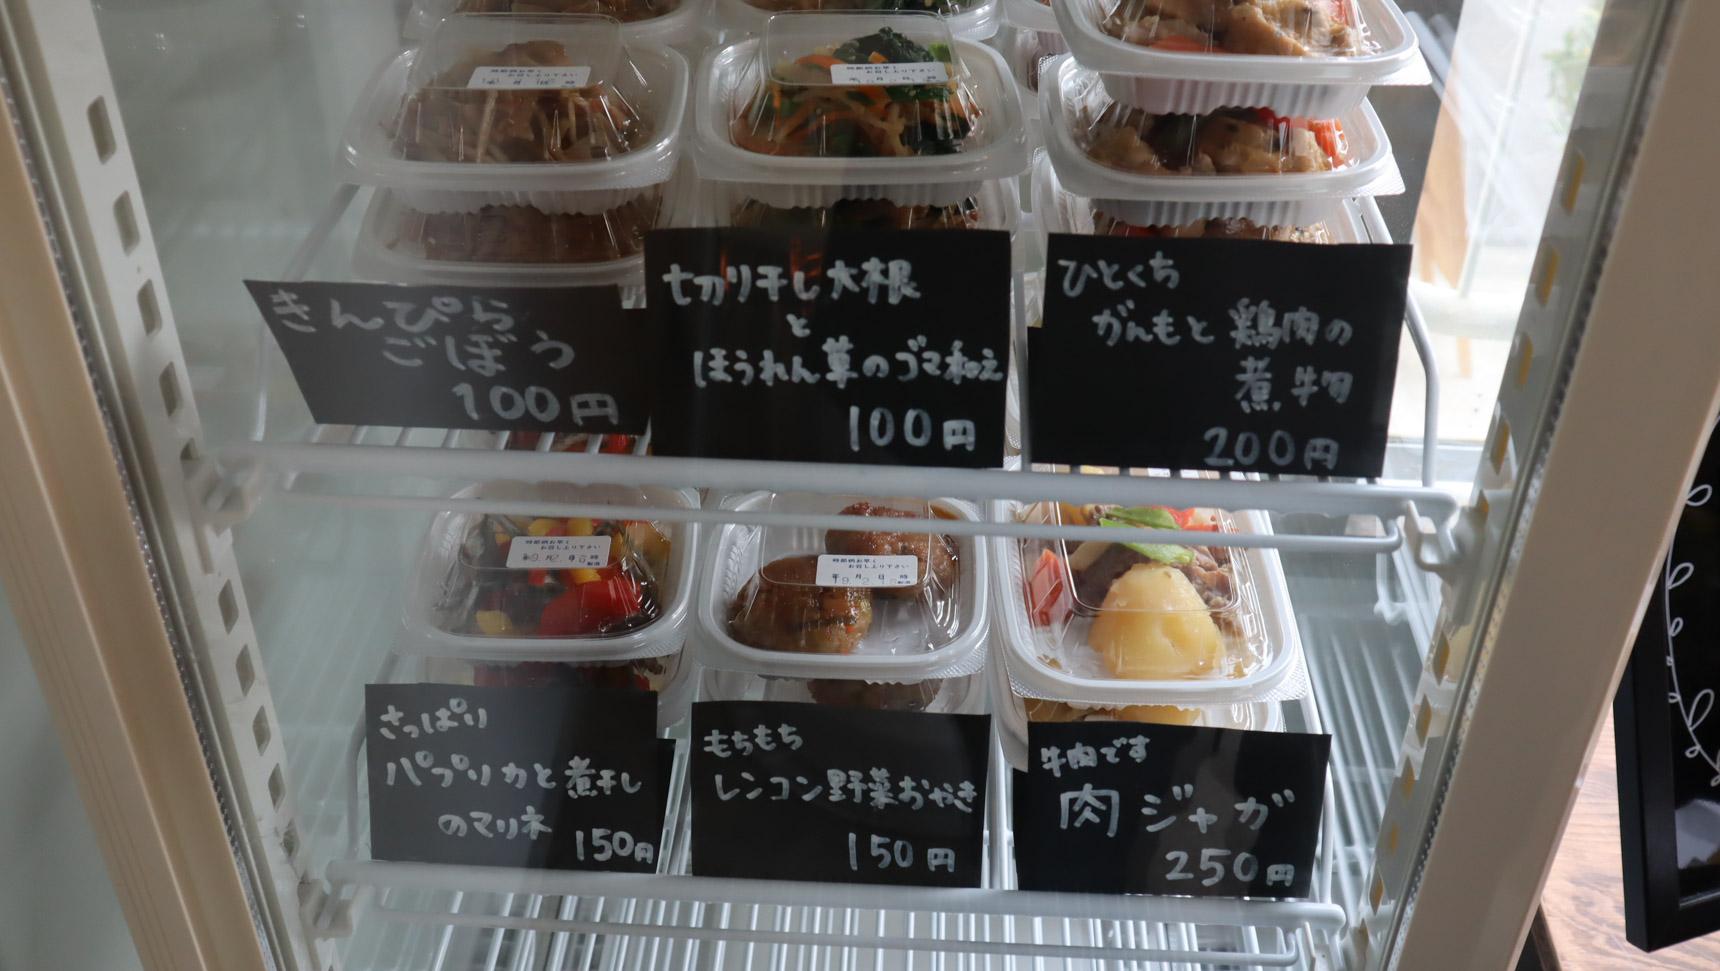 たくさんの季節のお野菜を使ってその場でつくられた、美味しそうなお惣菜が並びます。